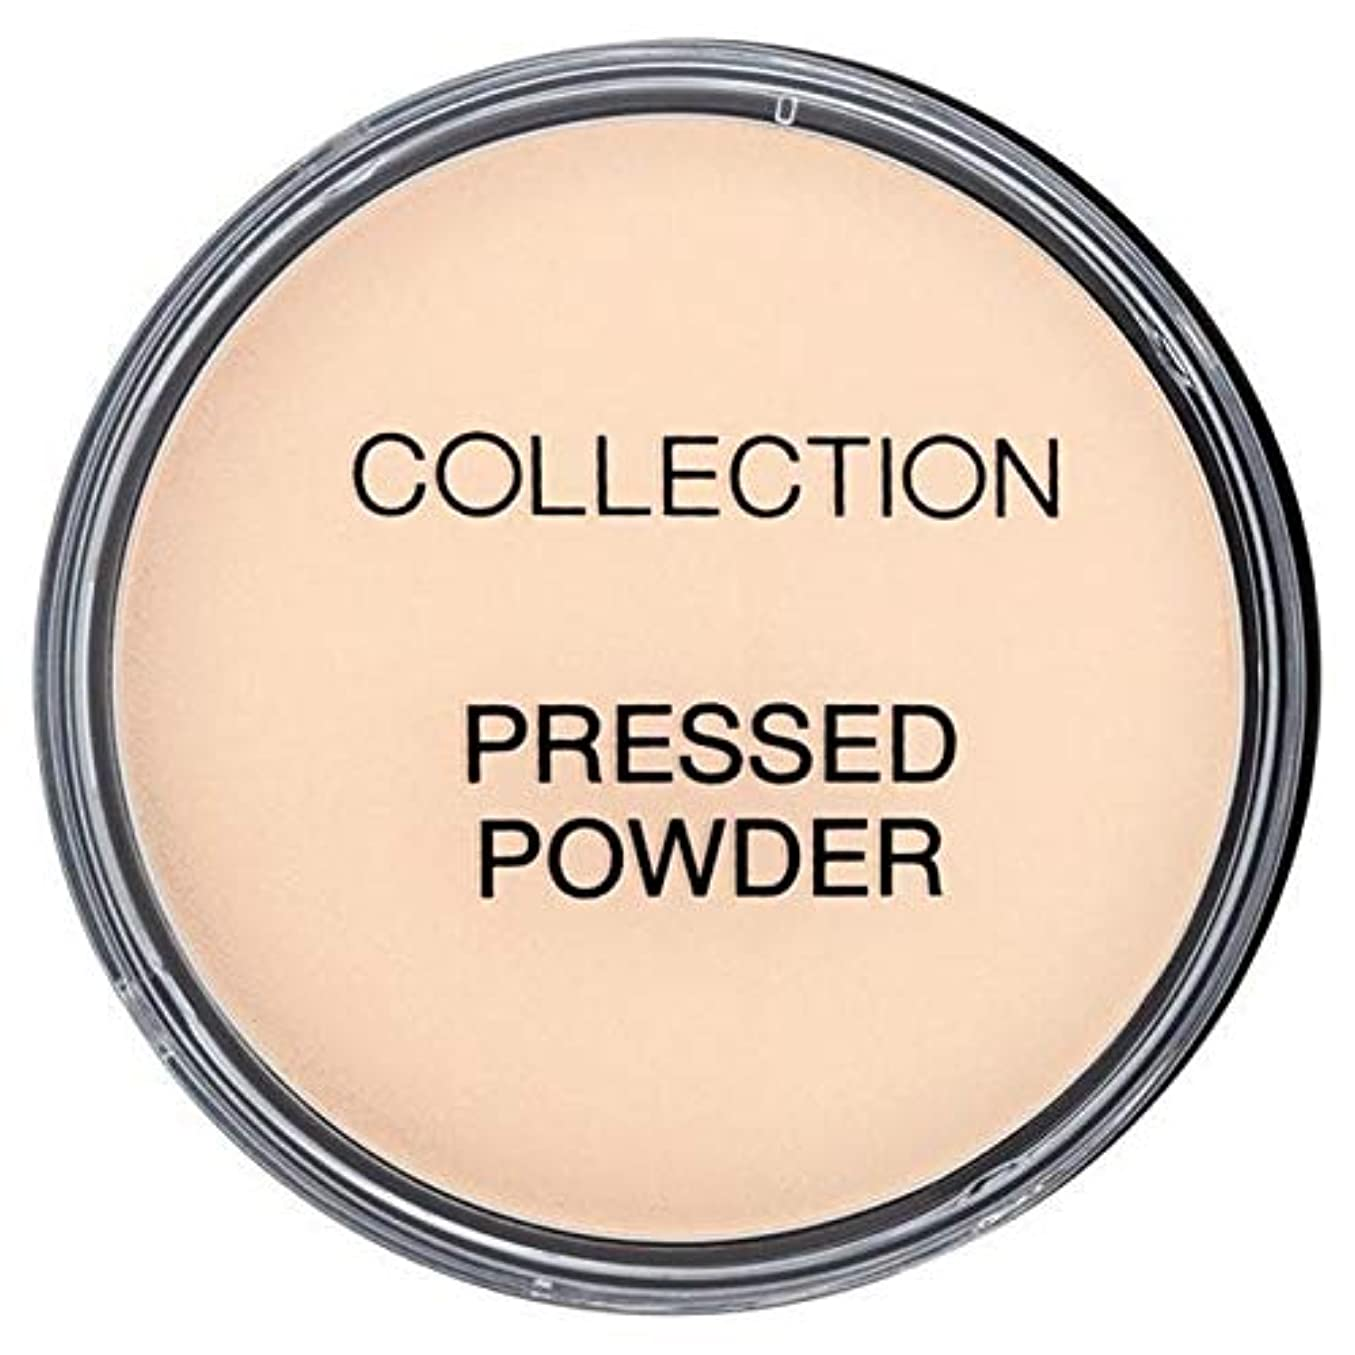 象チーム積極的に[Collection ] コレクションは、粉末17グラムのろうそく1を押します - Collection Pressed Powder 17g Candlelight 1 [並行輸入品]